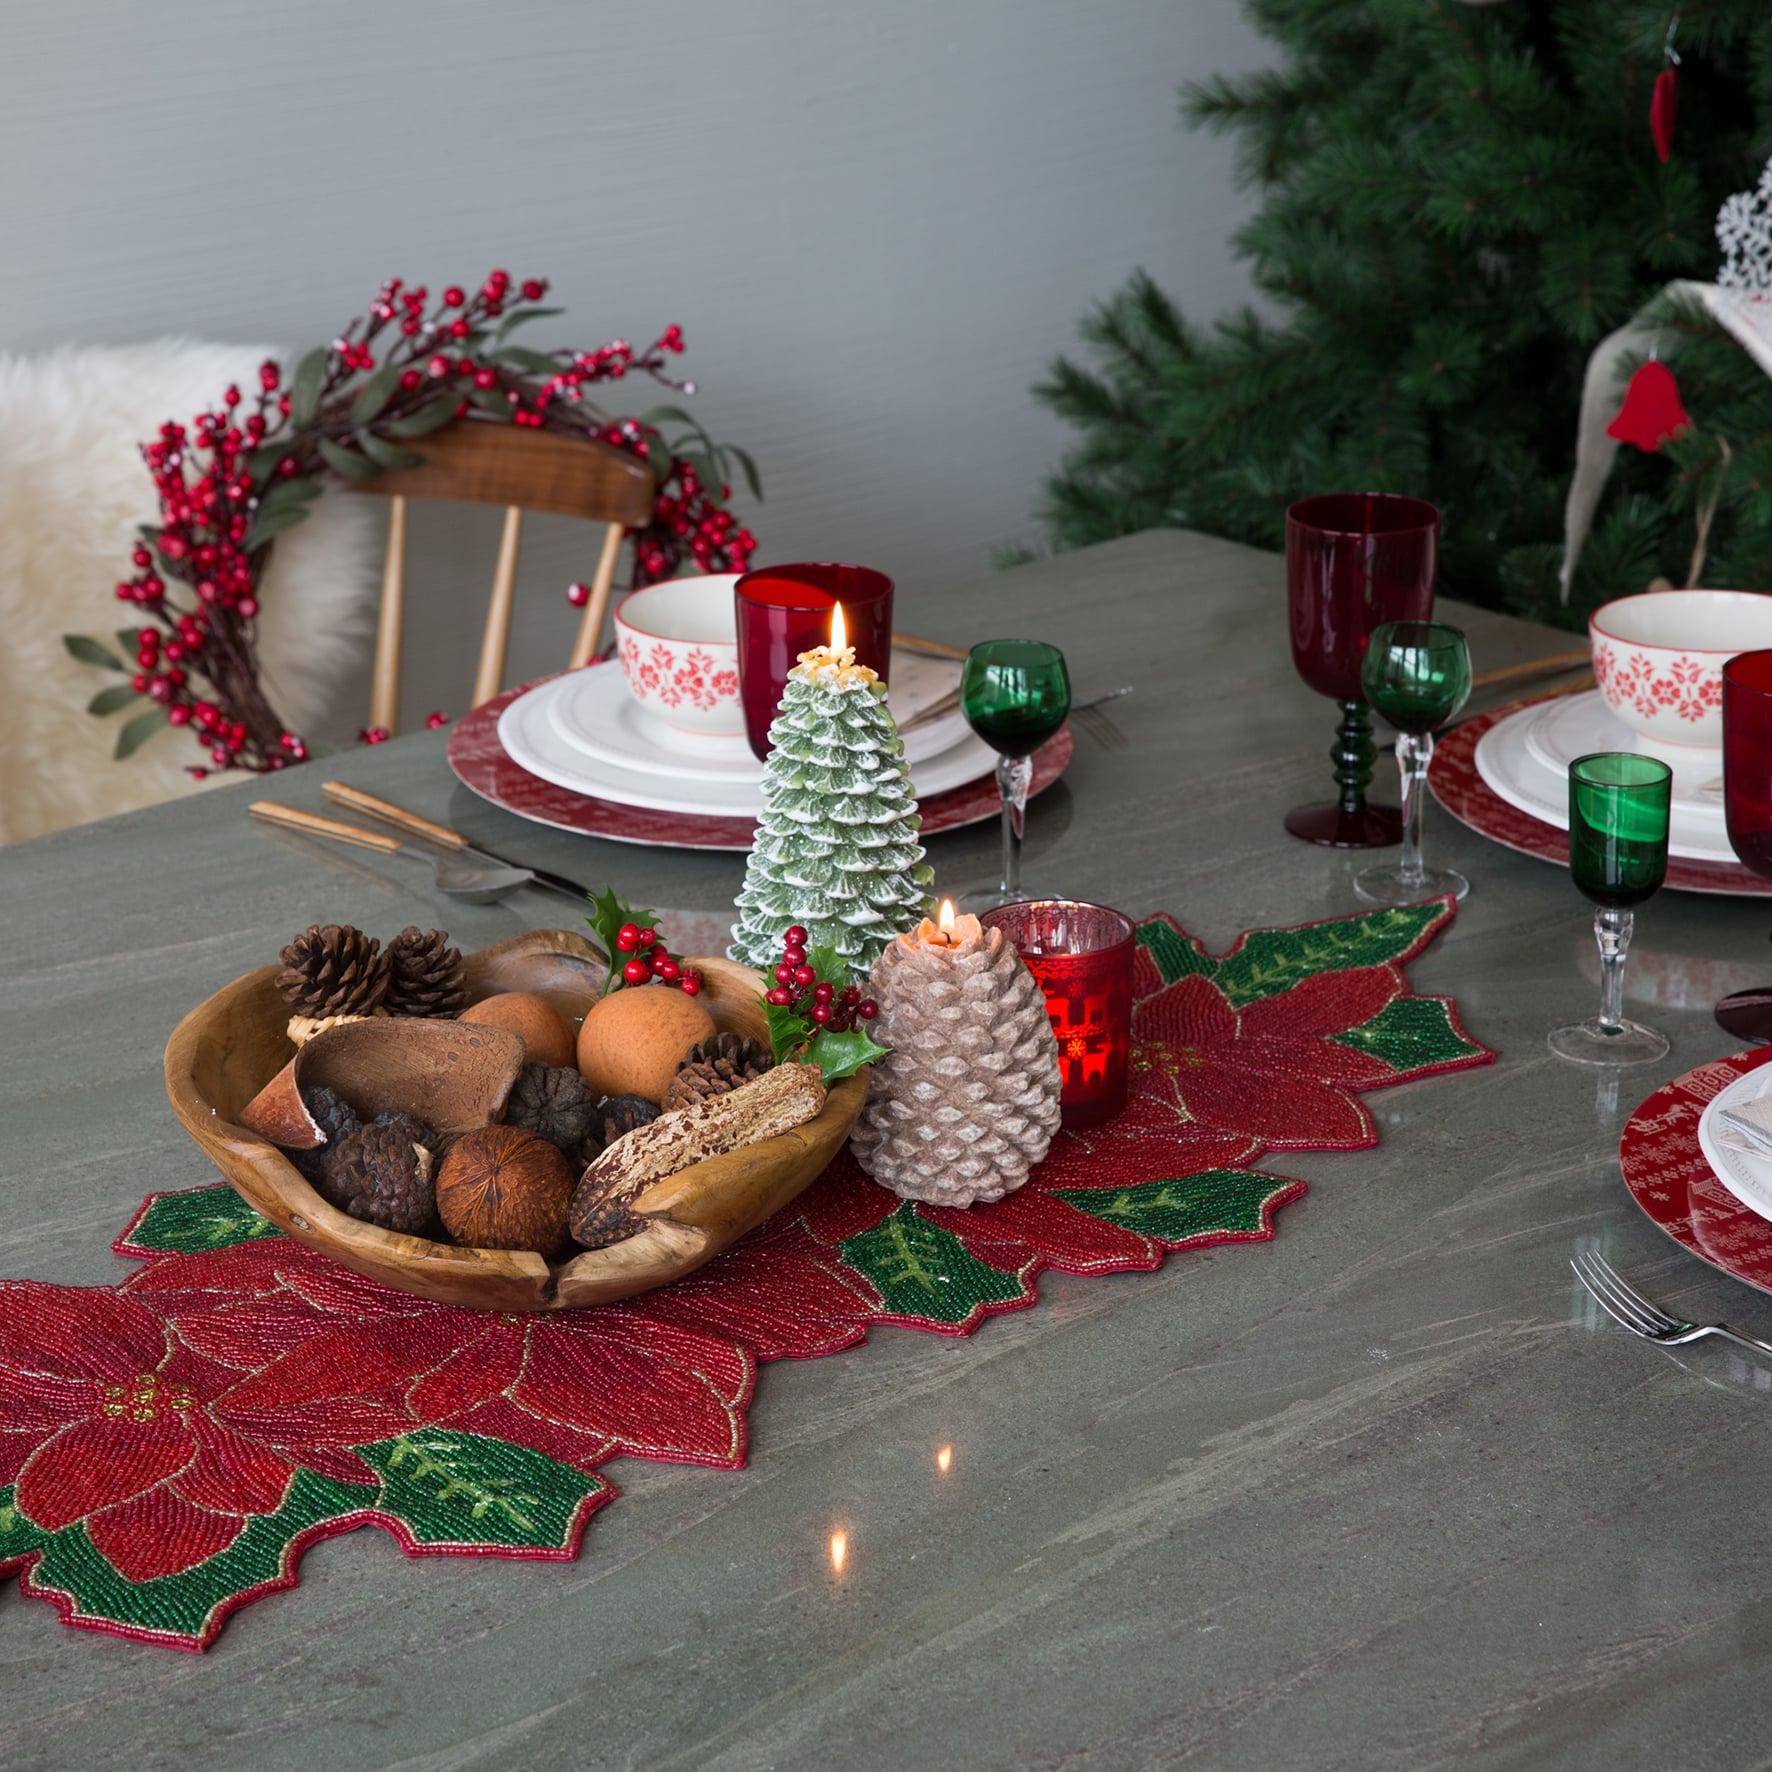 Tavola di Natale come apparecchiare